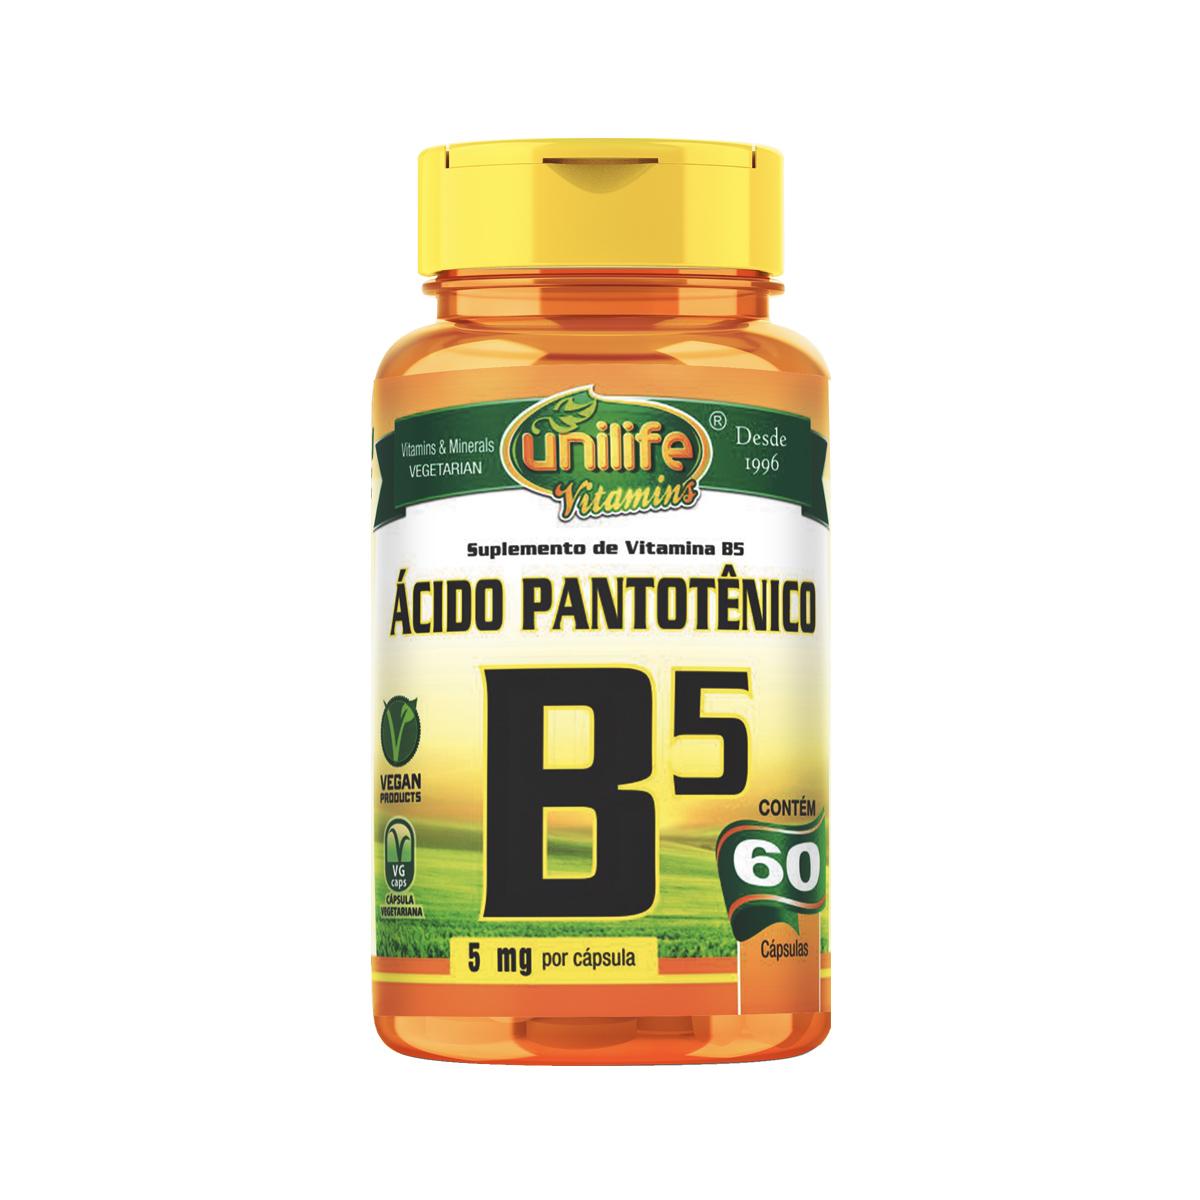 Vitamina B5 500mg 60 Cápsulas - Unilife